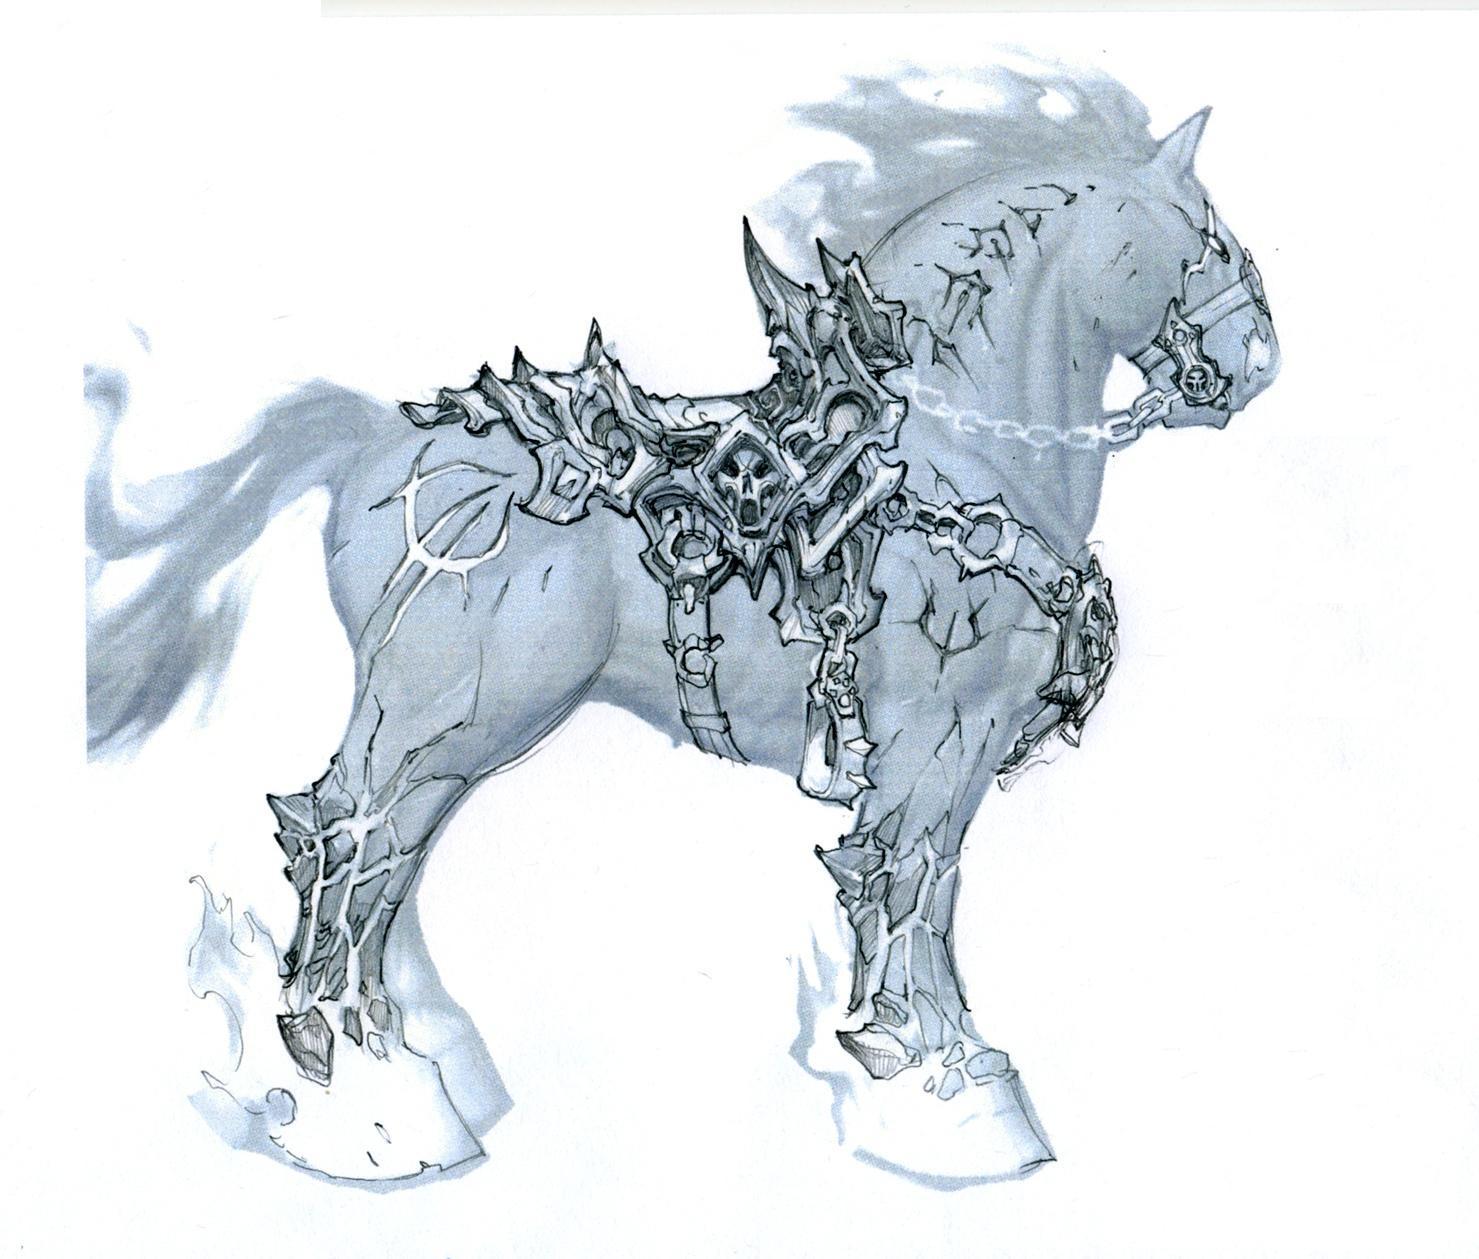 Darksiders Despair Concept Art of Ruin